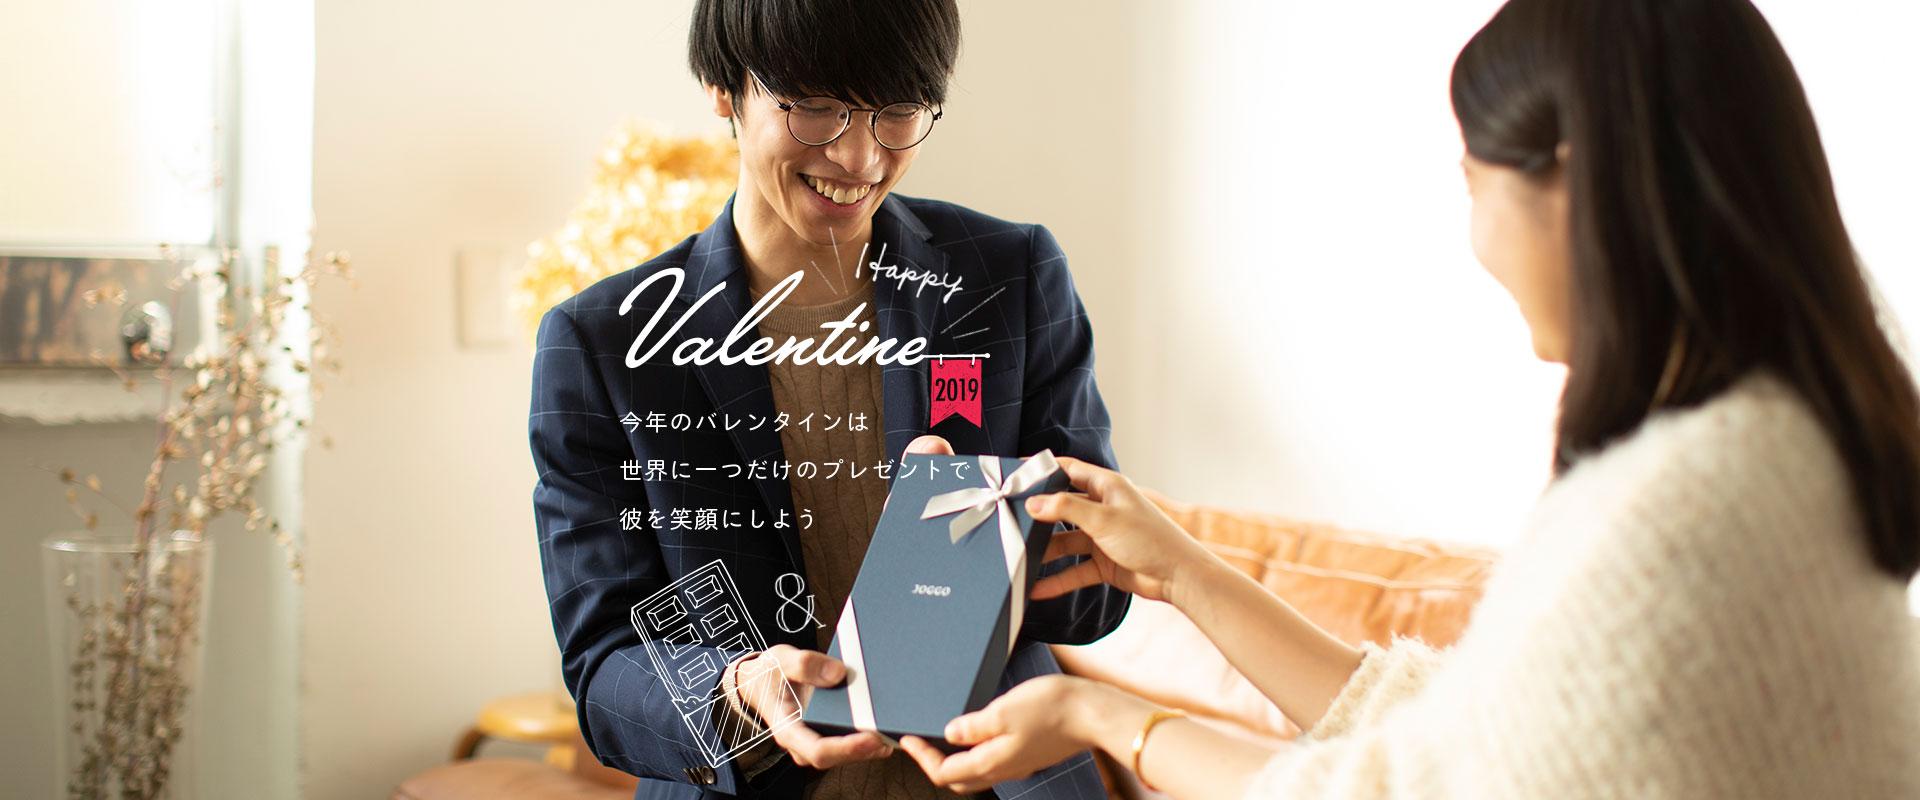 バレンタイン 2019 JOGGO 今年のバレンタインは世界に一つだけのプレゼントで彼を笑顔にしよう